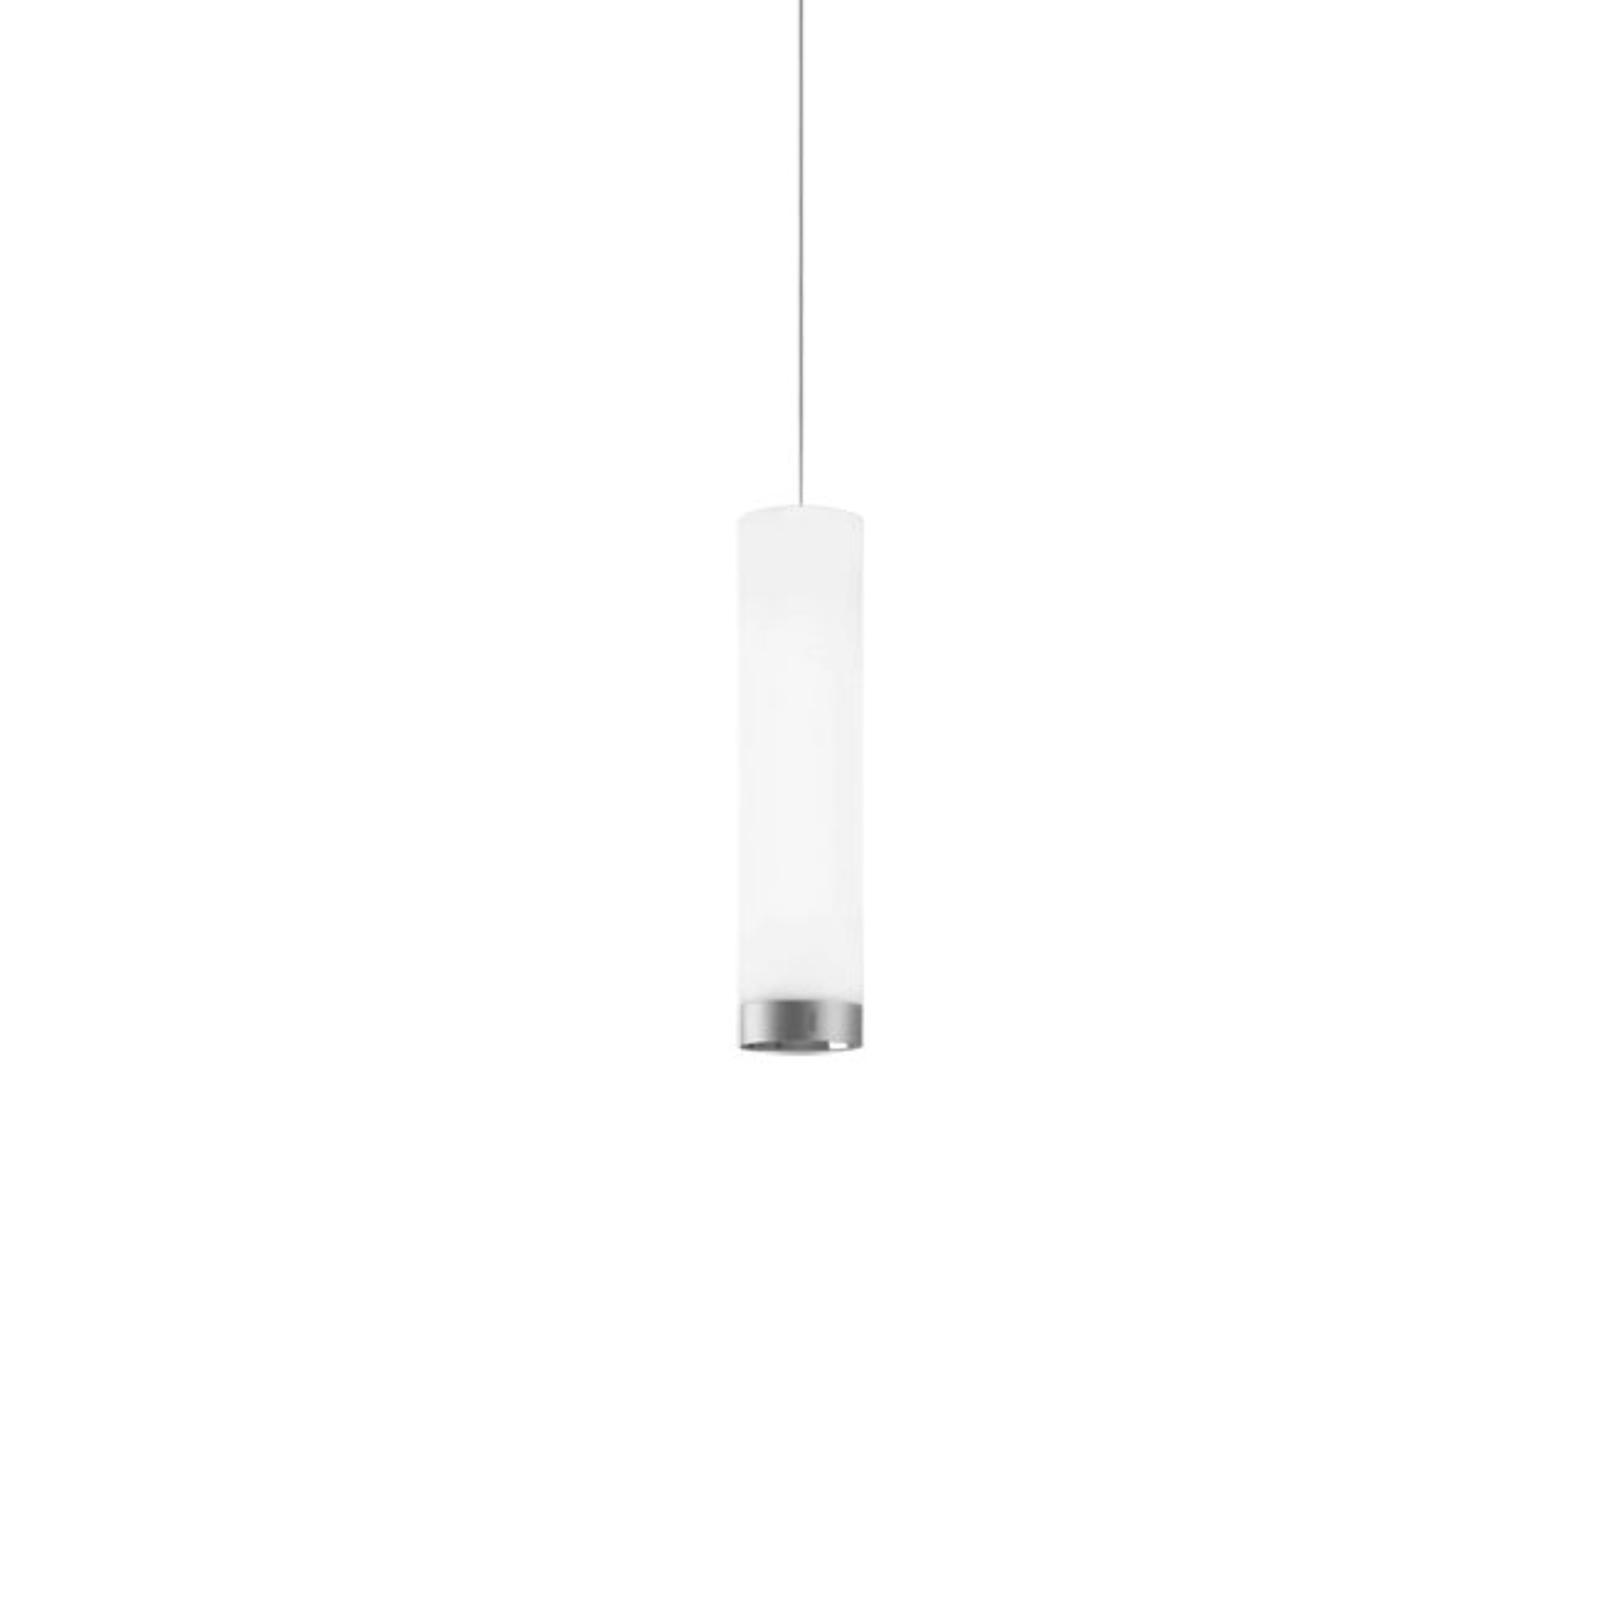 LED-riippuvalaisin A20-P166, 67,5cm, 29 W, 4 000 K